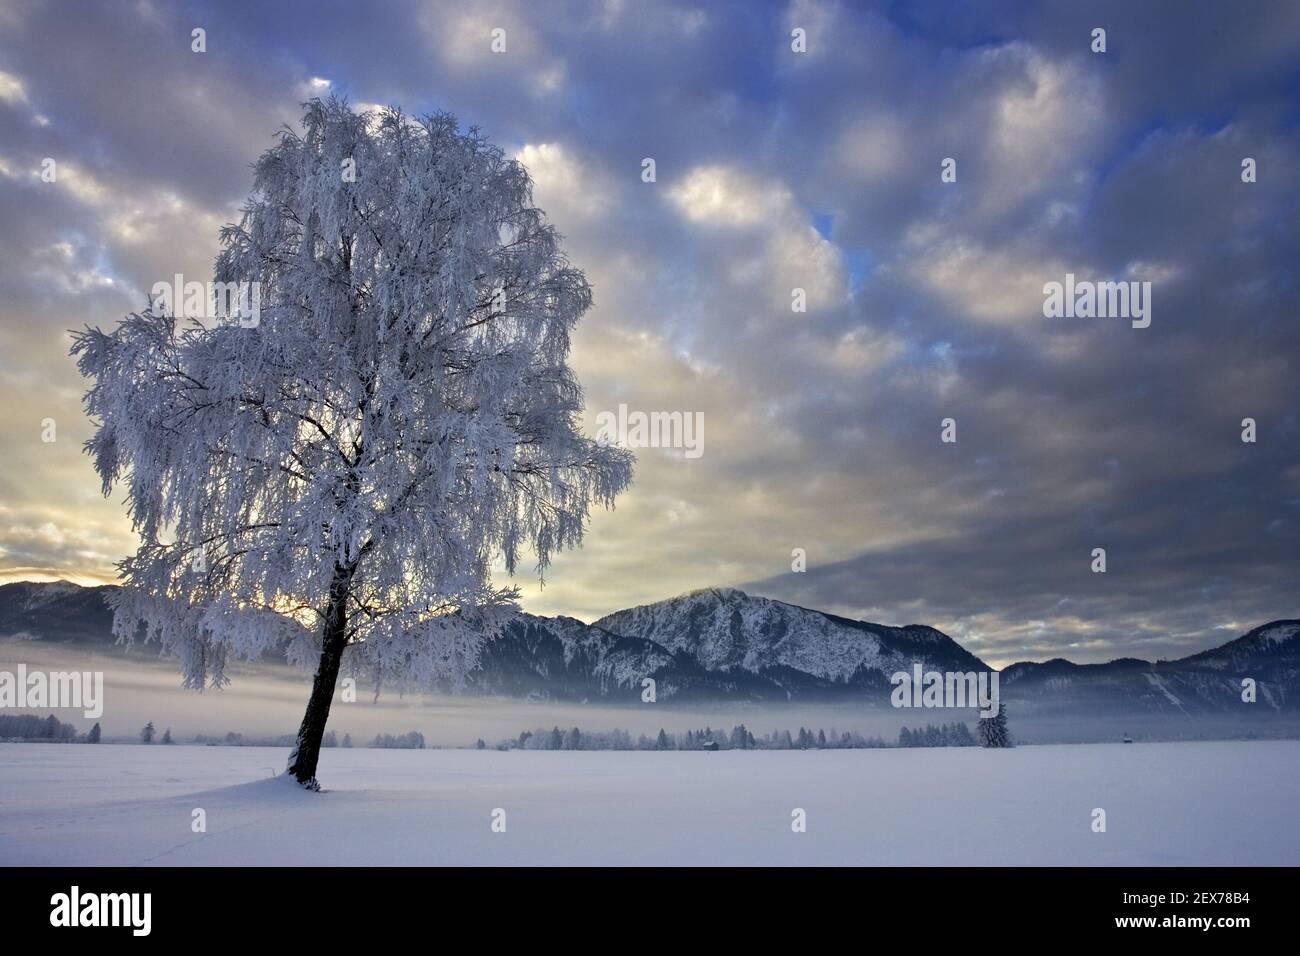 Un amanecer helado y foggy en el borde alpino, Kochelsee, Baviera fuerte escarcha en los árboles, un amanecer helado y foggy en la ba Foto de stock